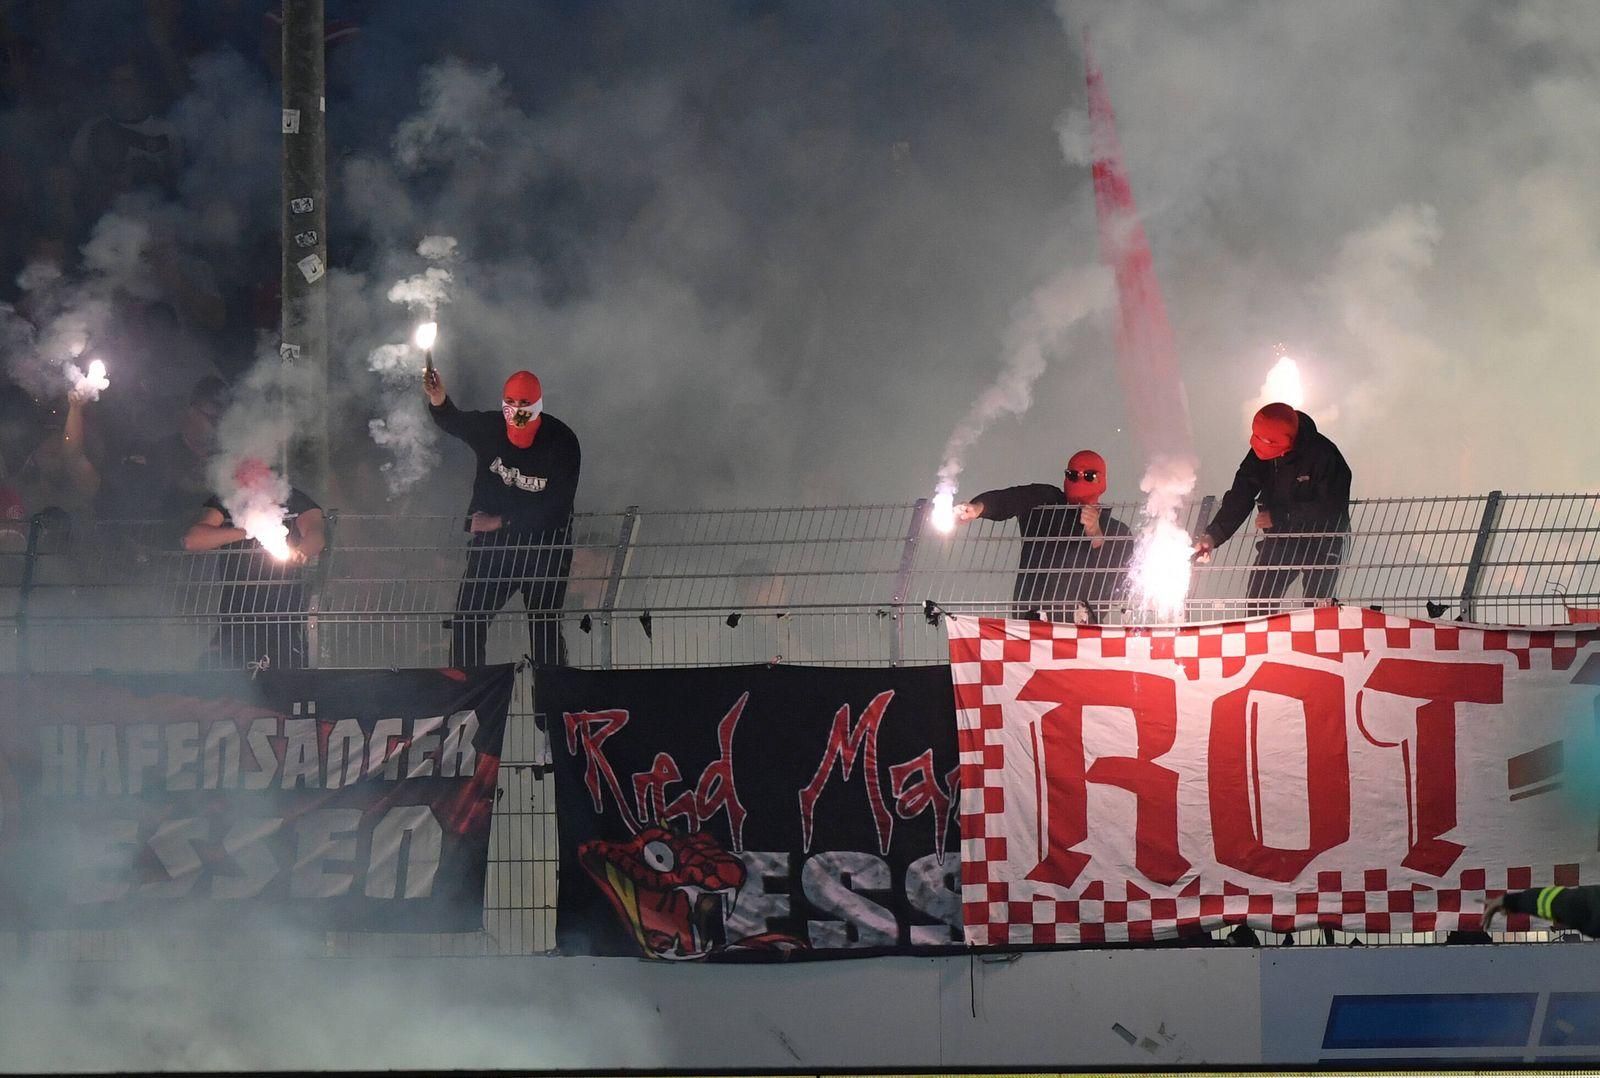 Die Essener Fans zündeten zu Beginn der 2. Halbzeit Bengalos 14.09.2021, Fussball GER, Saison 2021 2022, Regionalliga W